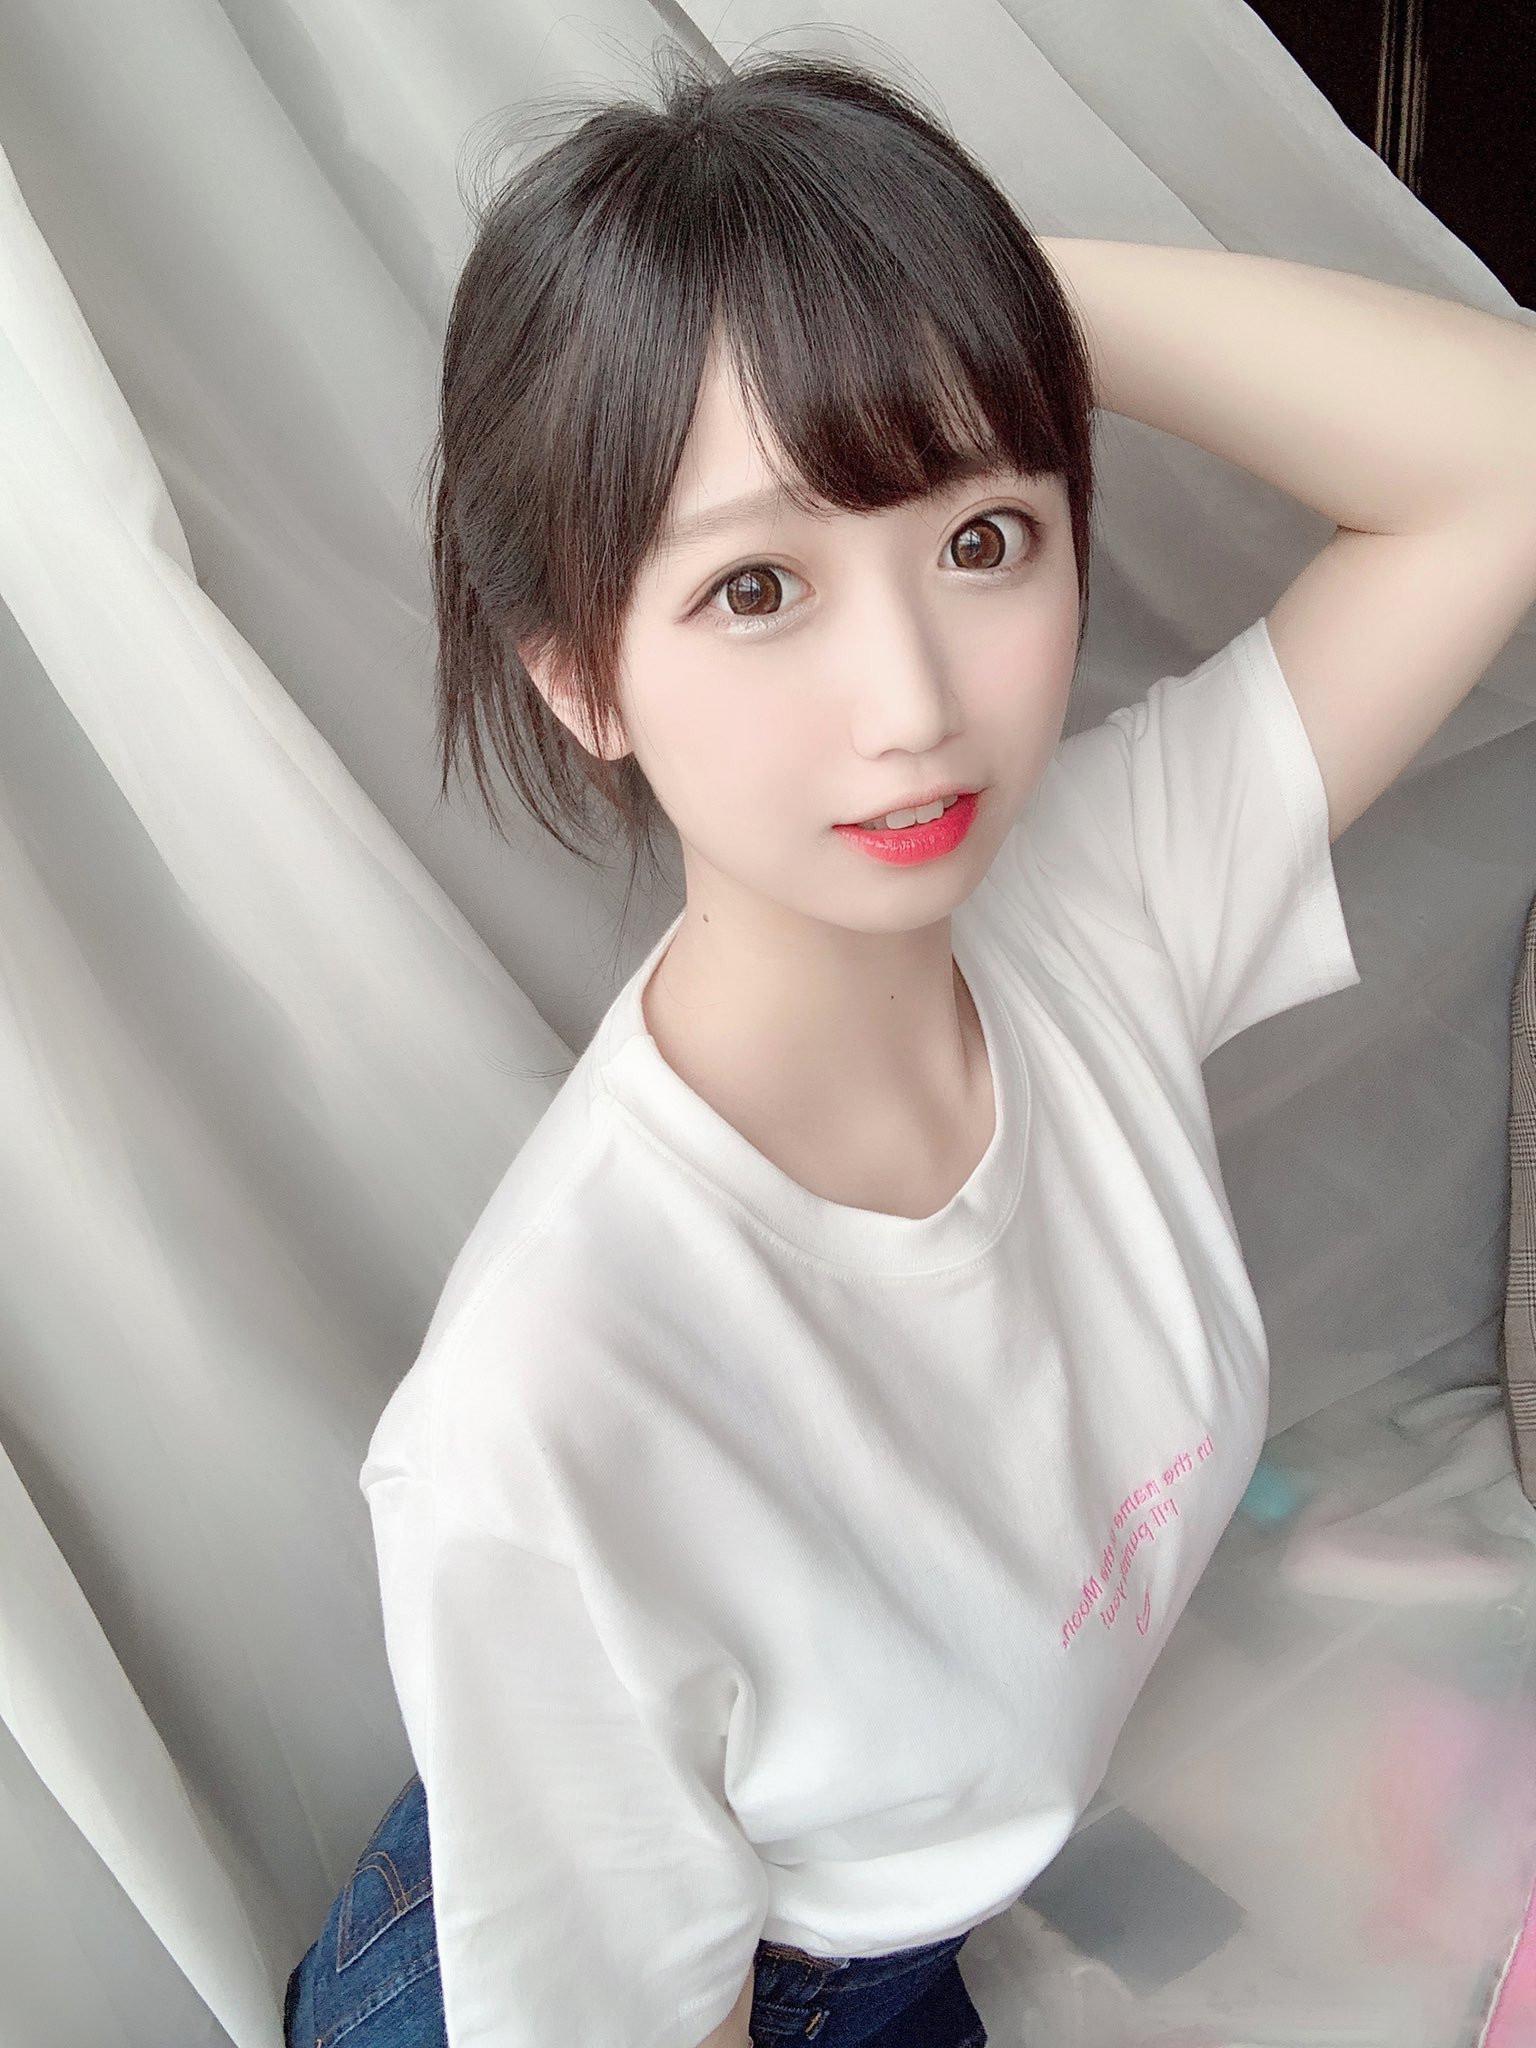 国产美少女yami蝴蝶忍cos写真集